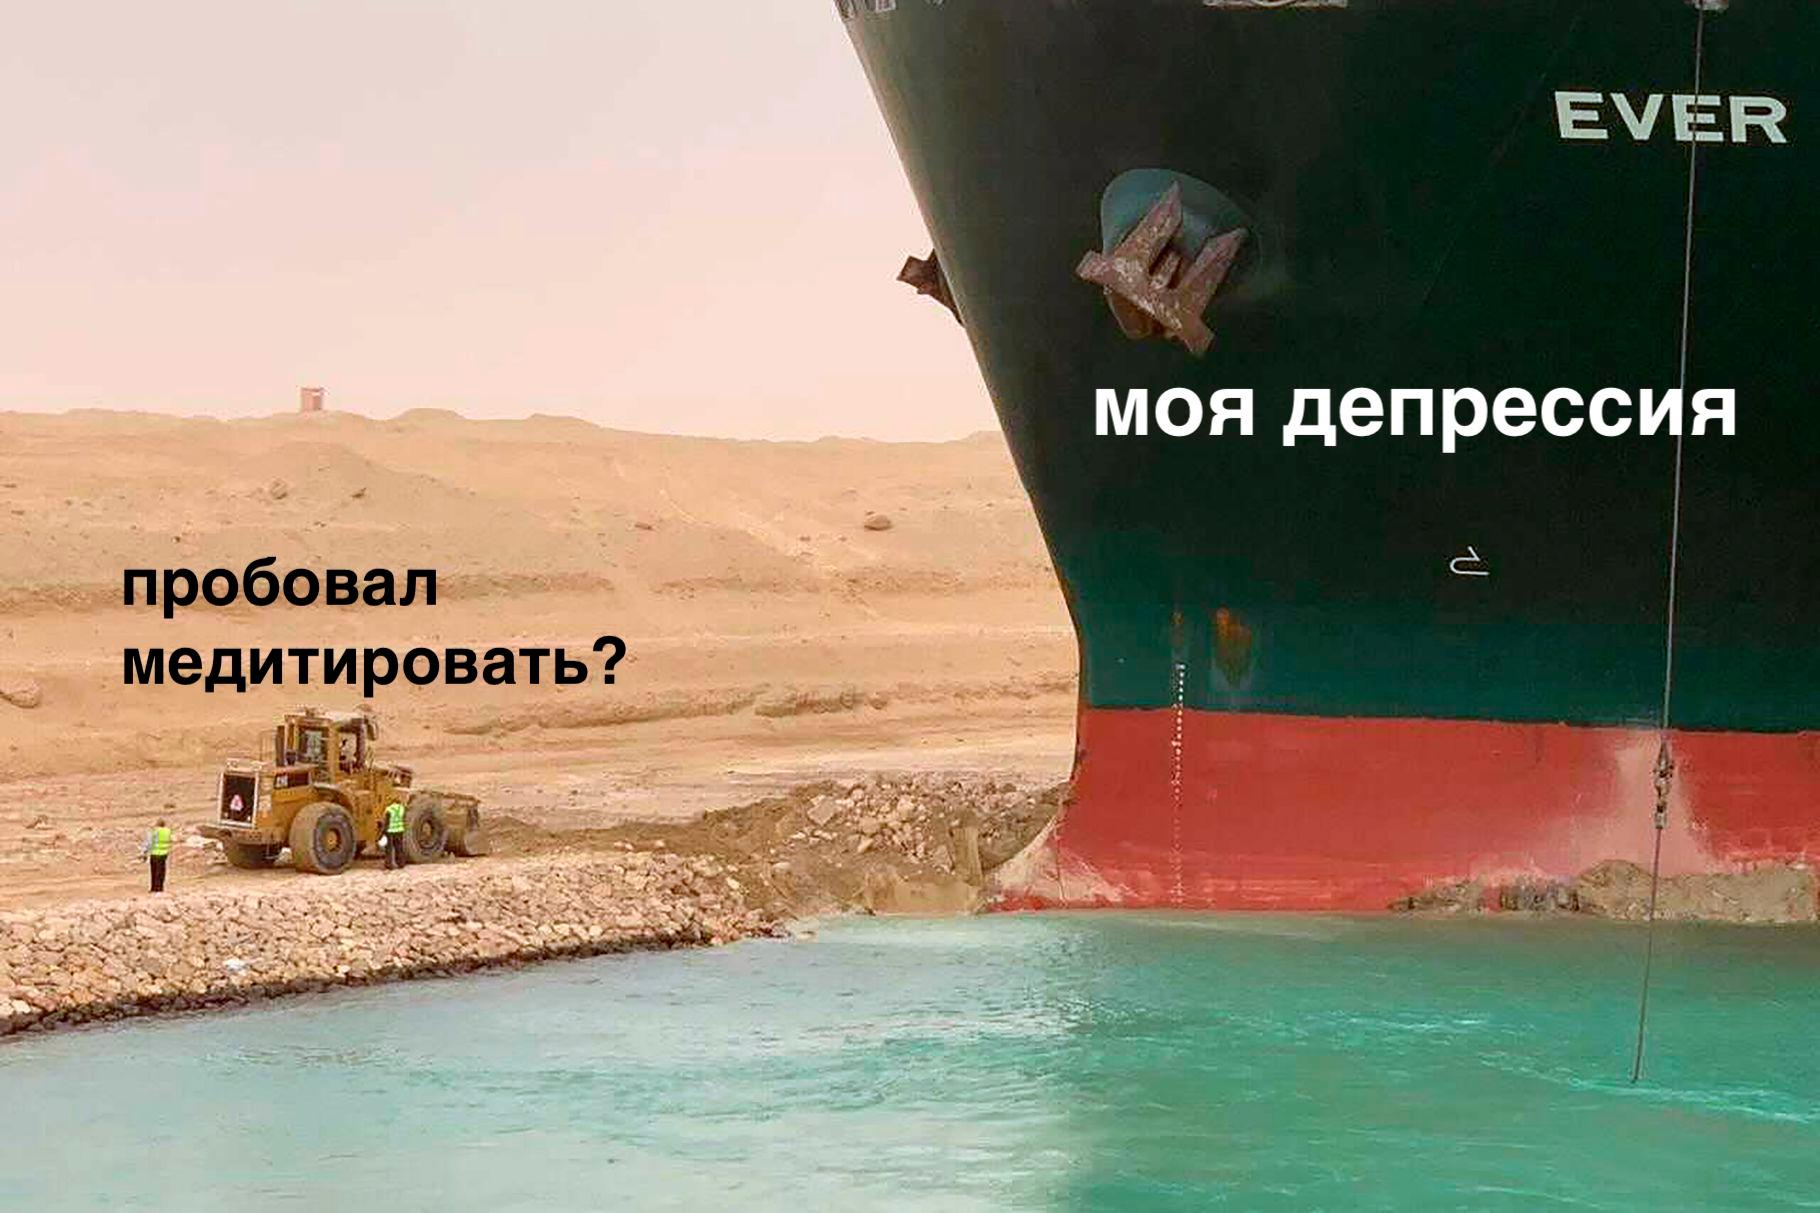 Огромный контейнеровоз в Суэцком канале. Только мемы